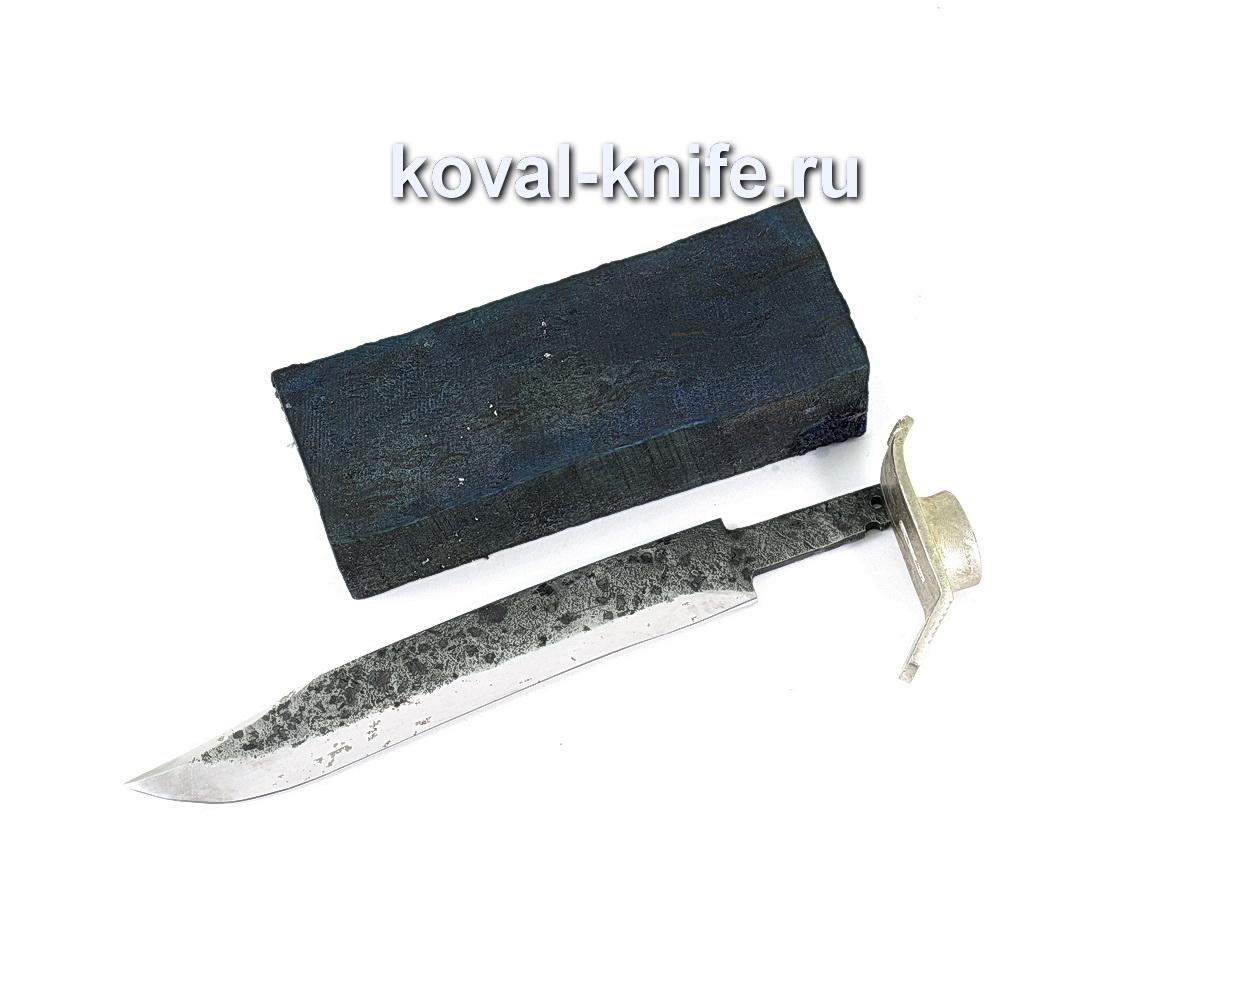 Комплект для ножа НР-40 8 (клинок кованая 9ХС 3,5мм, литье 1шт., граб брусок)